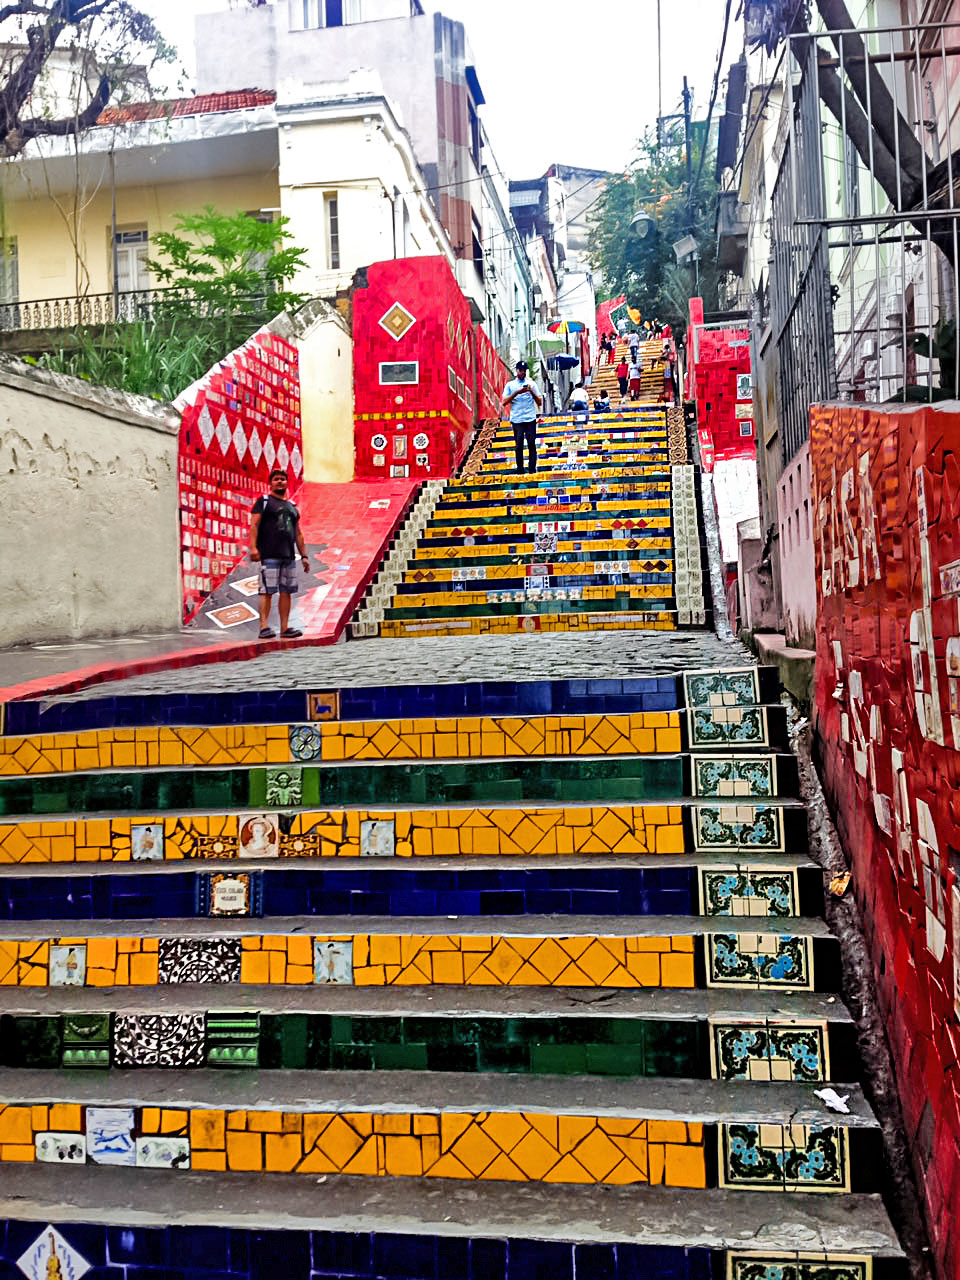 Colorful stairs of Escadaria Selarón in Rio de Janeiro, Brazil